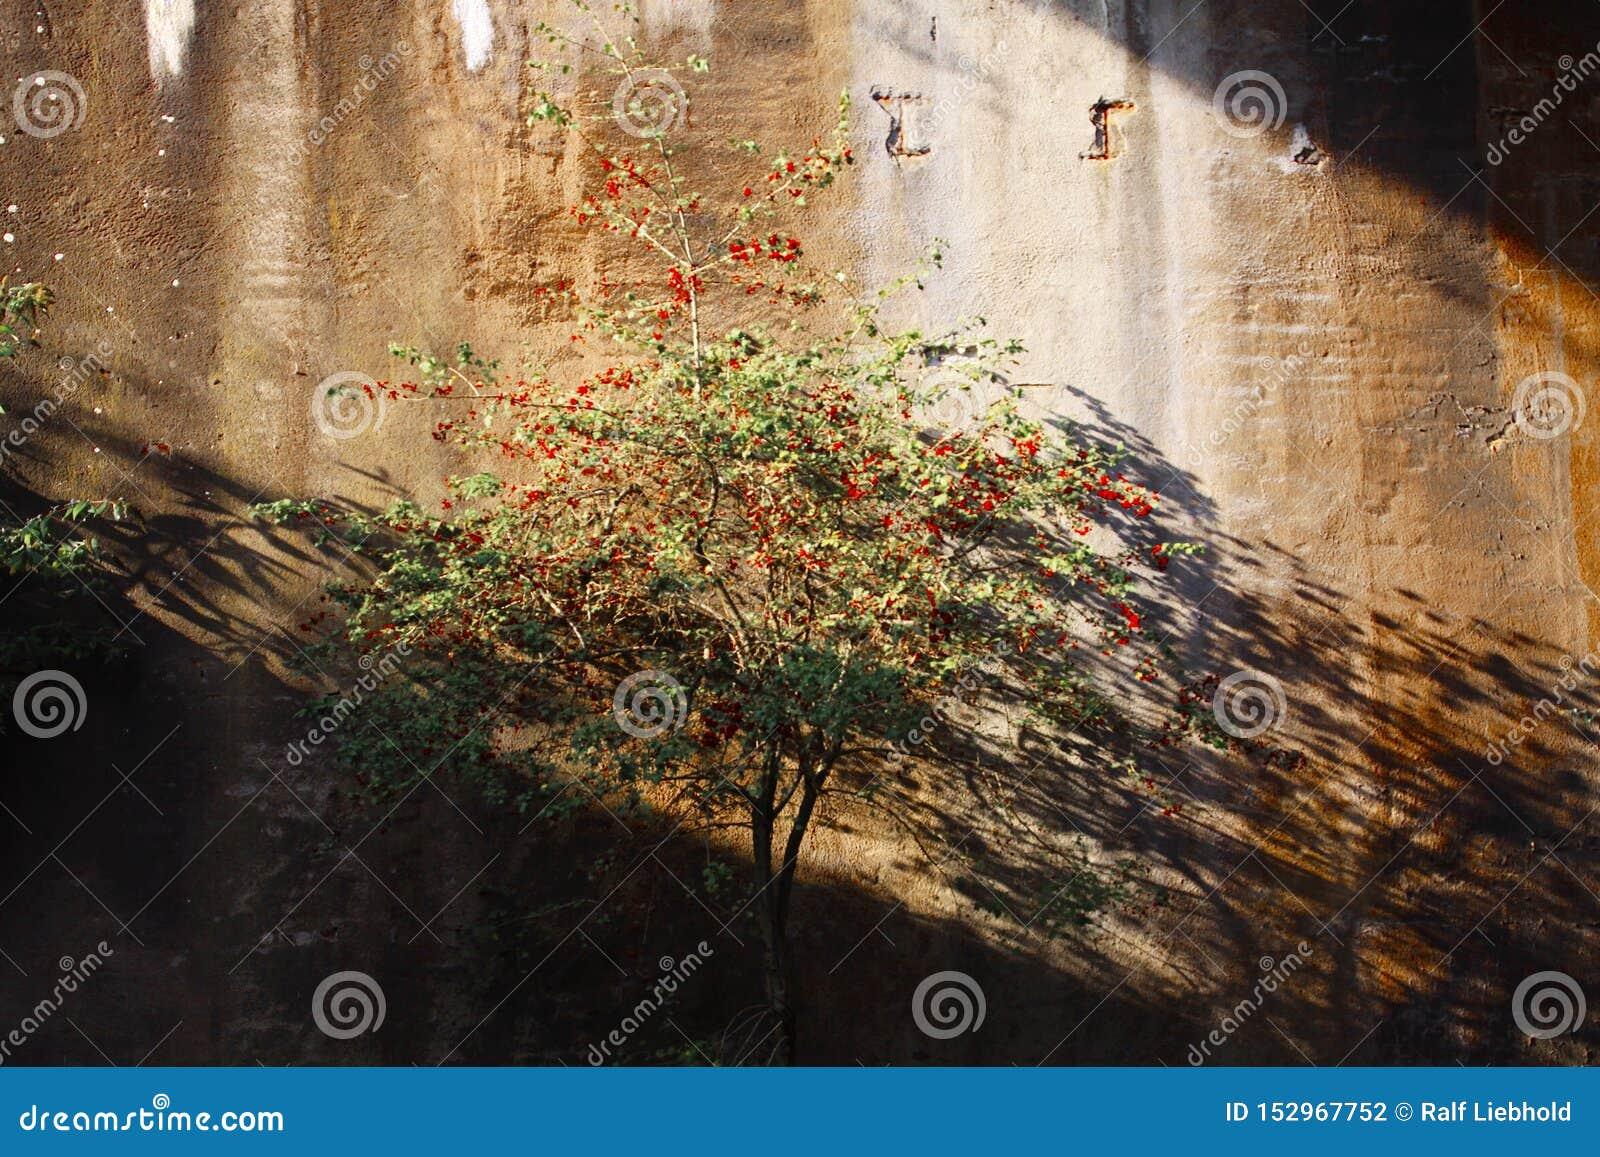 Landschaftspark Duisburg, Duitsland: Geïsoleerde boom met rode bessen in het verlaten tunnel glanzen helder in zonlicht en het gi